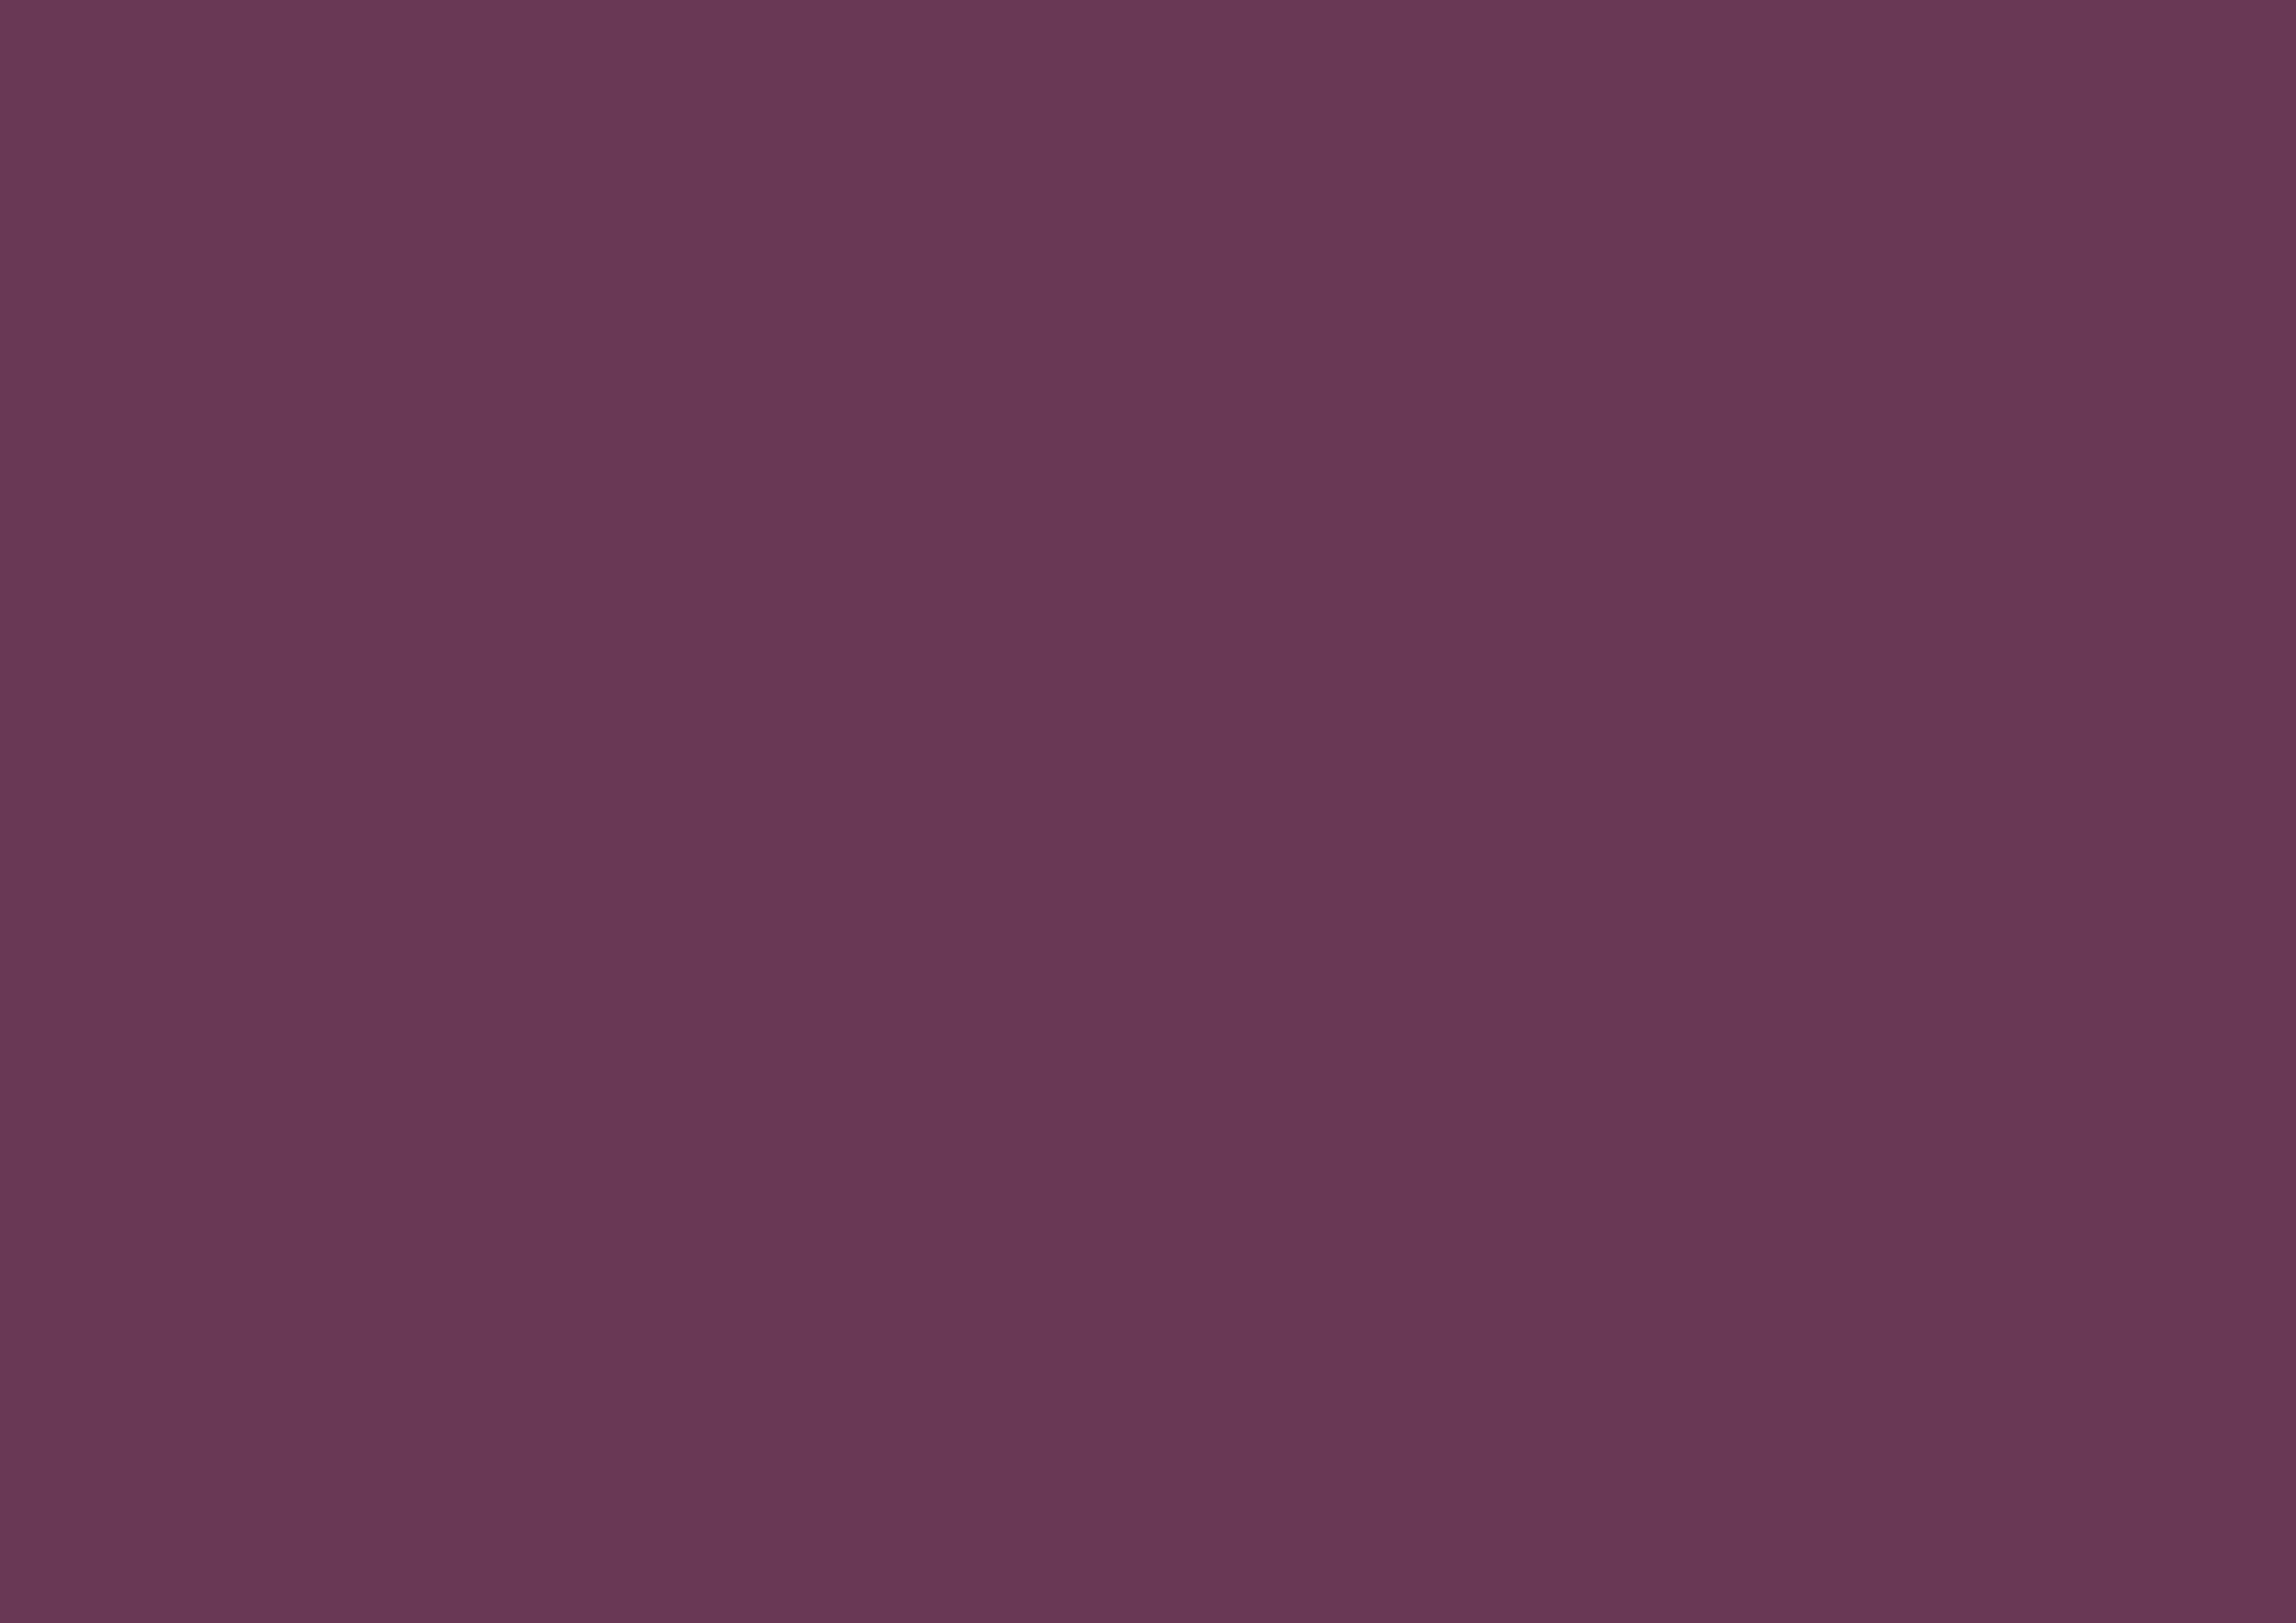 3508x2480 Halaya Ube Solid Color Background